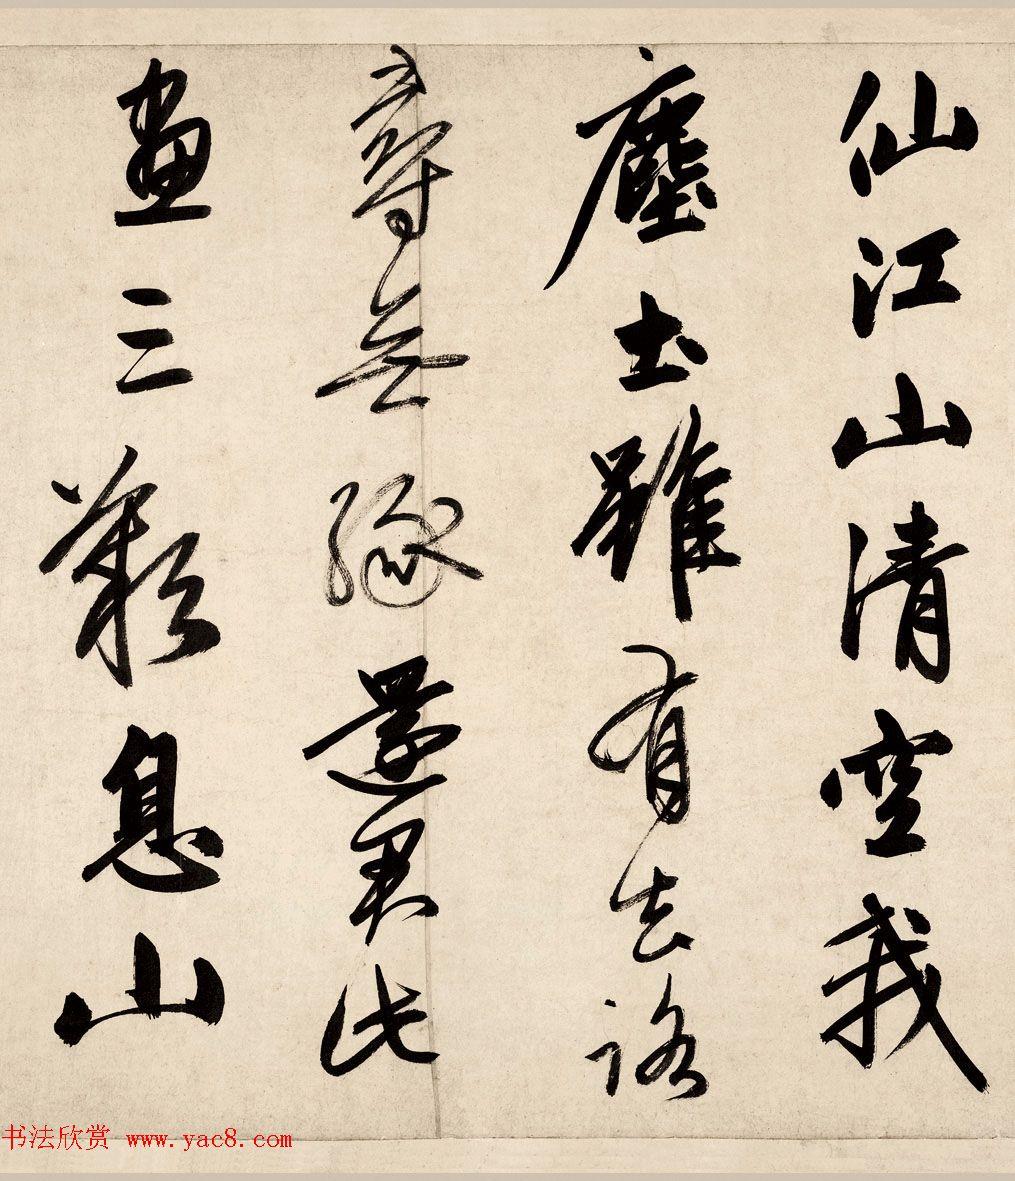 赵孟頫行书录苏东坡烟江叠嶂图诗 第4页 颜柳欧赵 书法欣赏